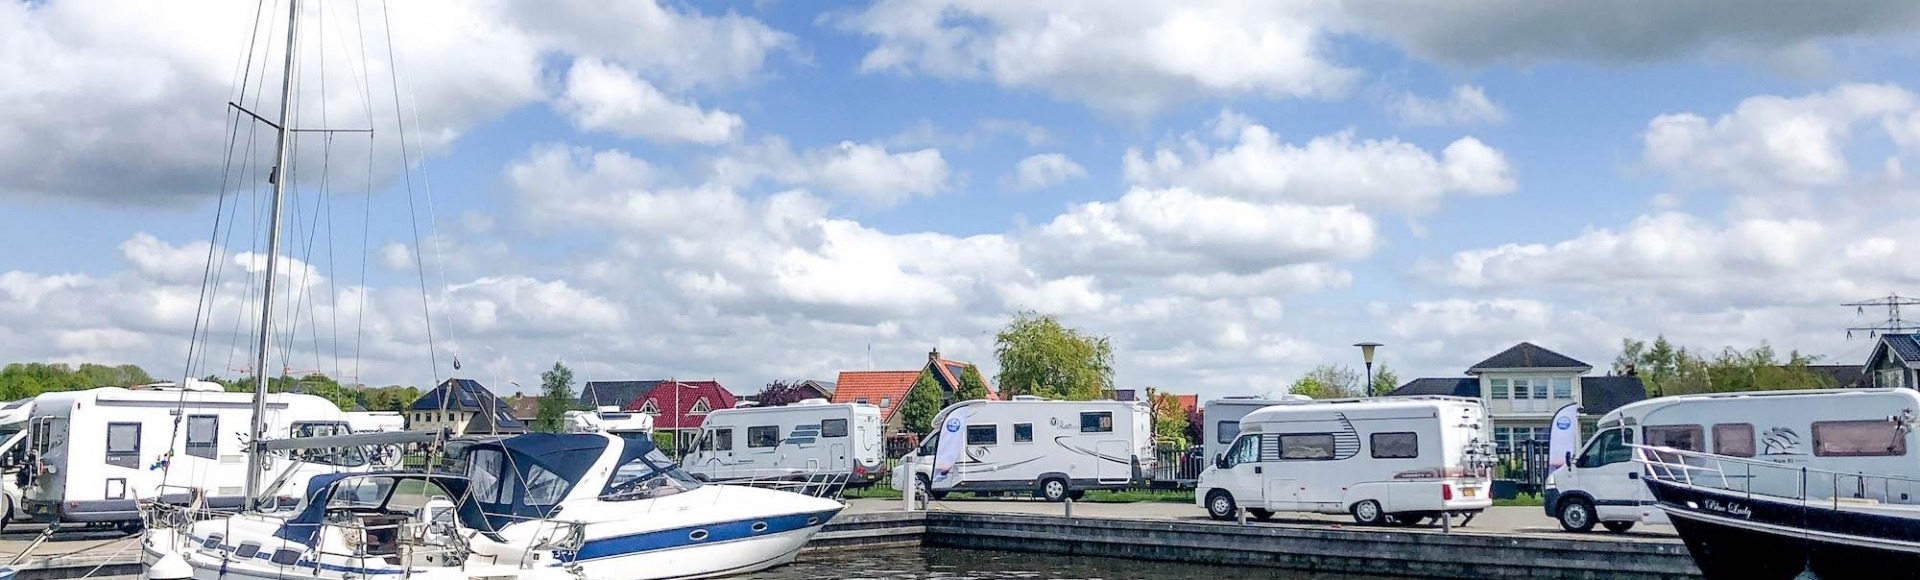 NKC bij Camperplaats Leeuwarden